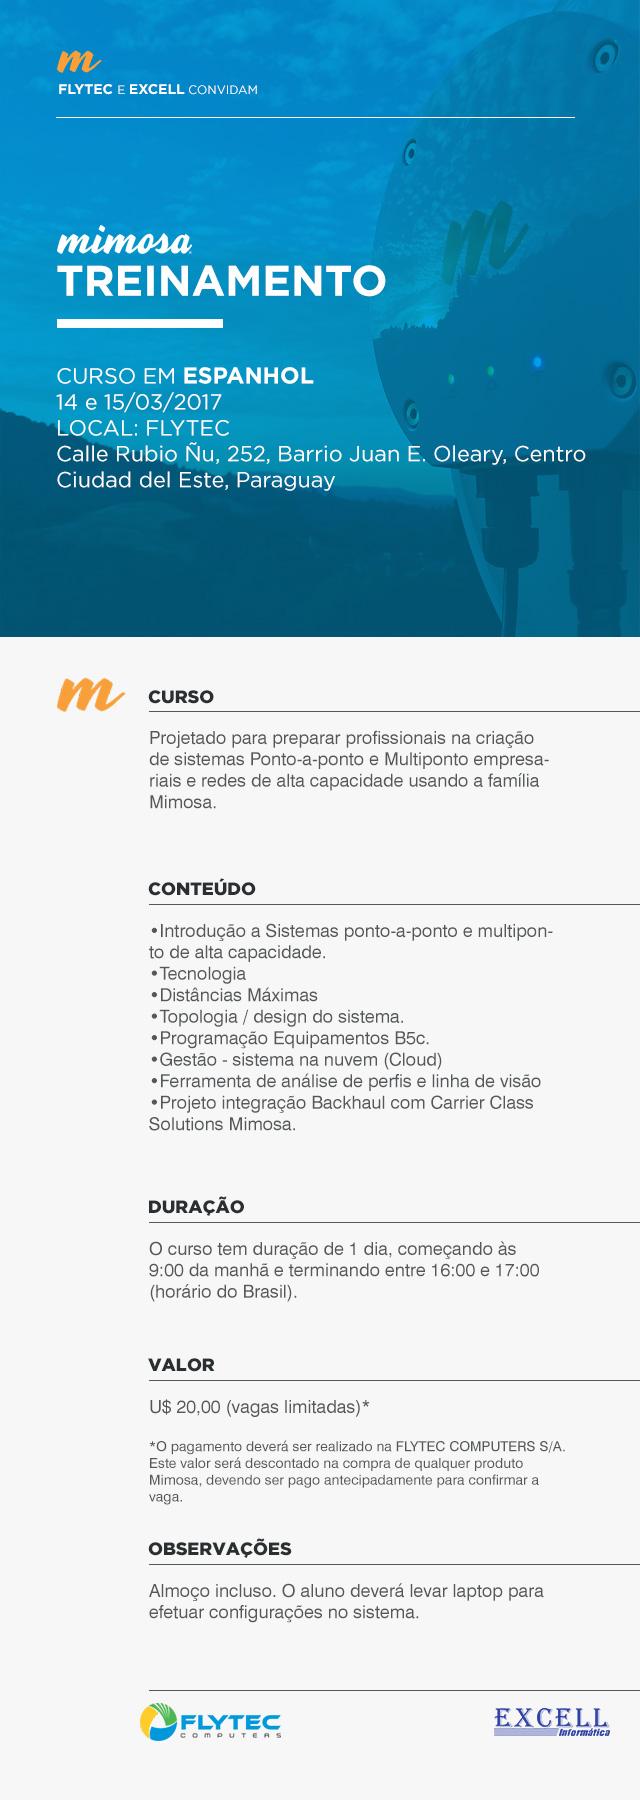 Treinamento Mimosa em espanhol, dias 14 e 15/03/2017, na Flytec. Informações detalhadas